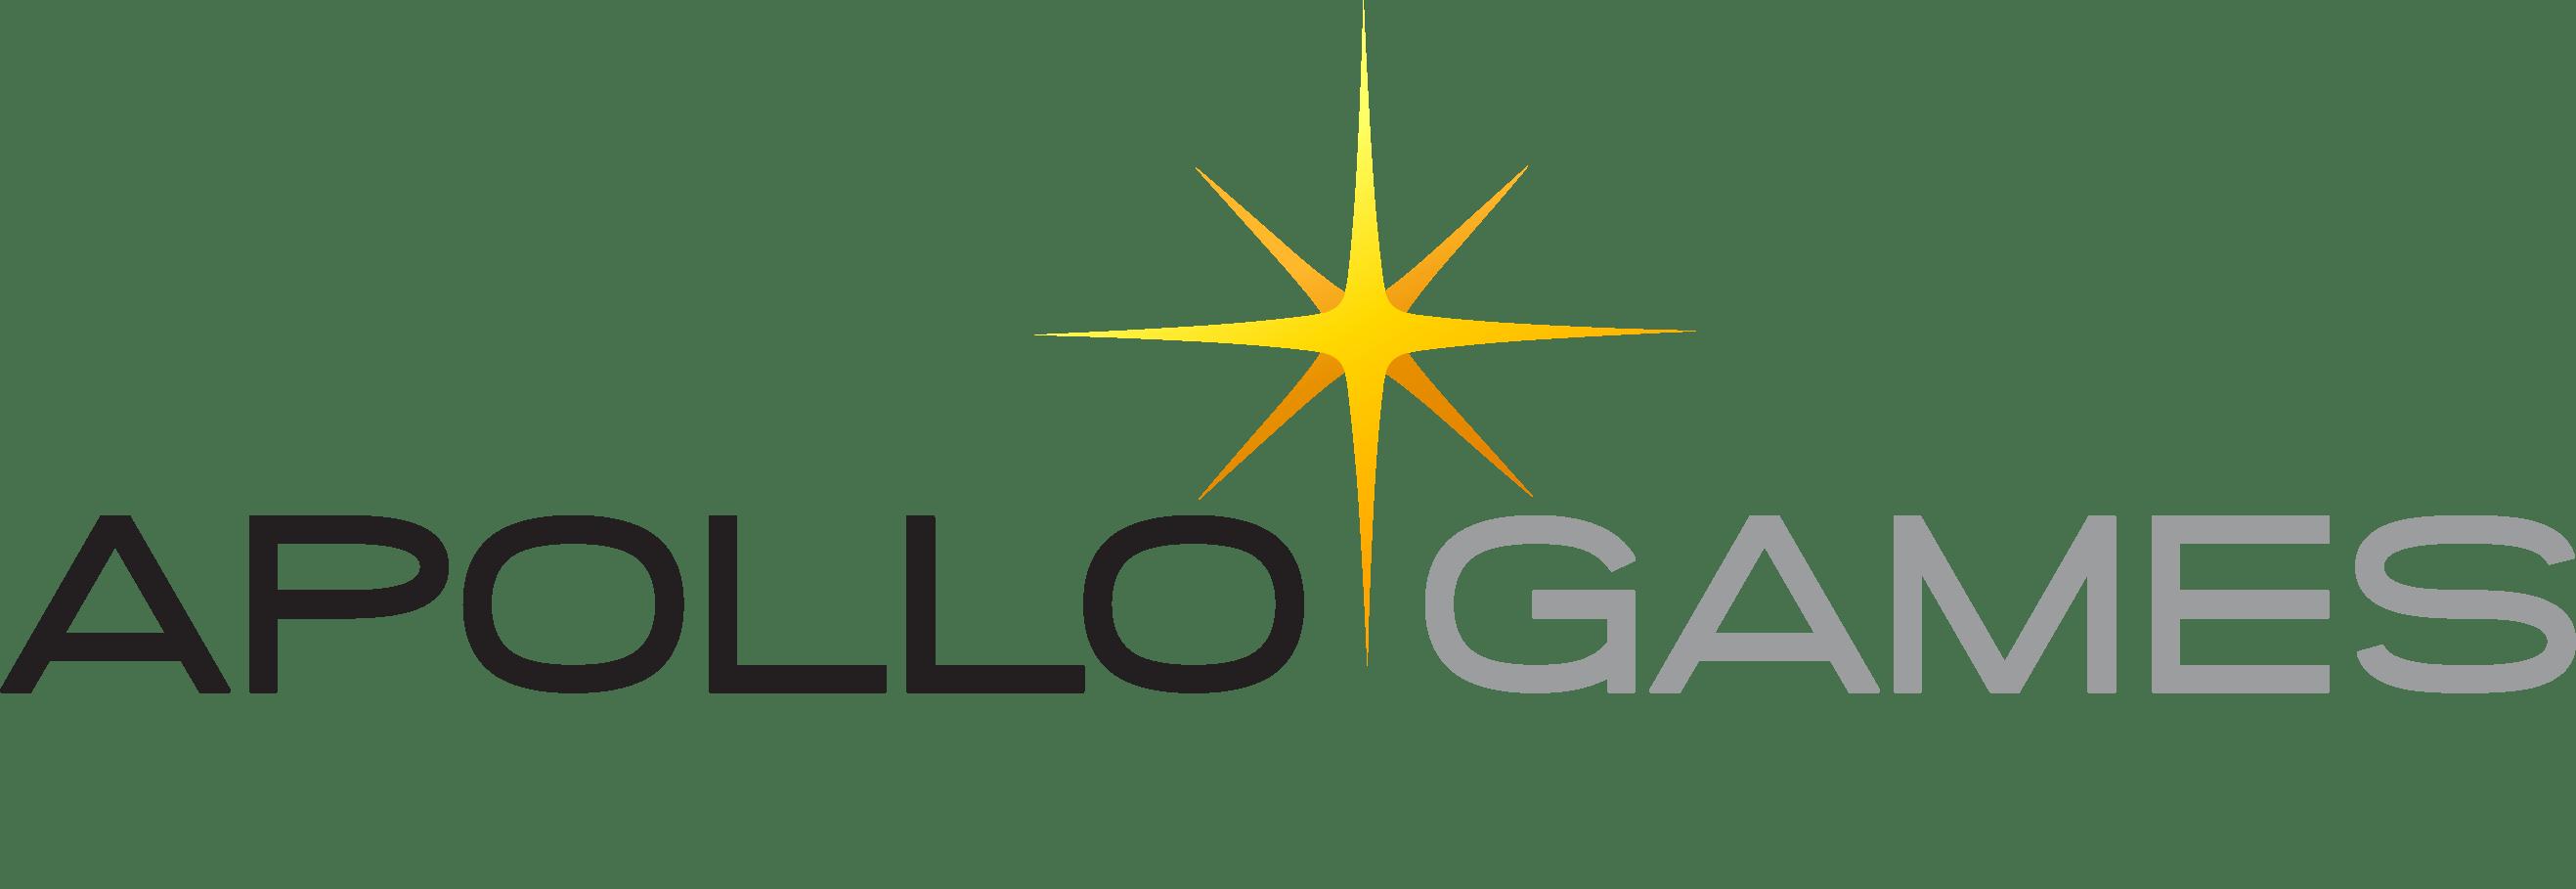 Apollo Games games